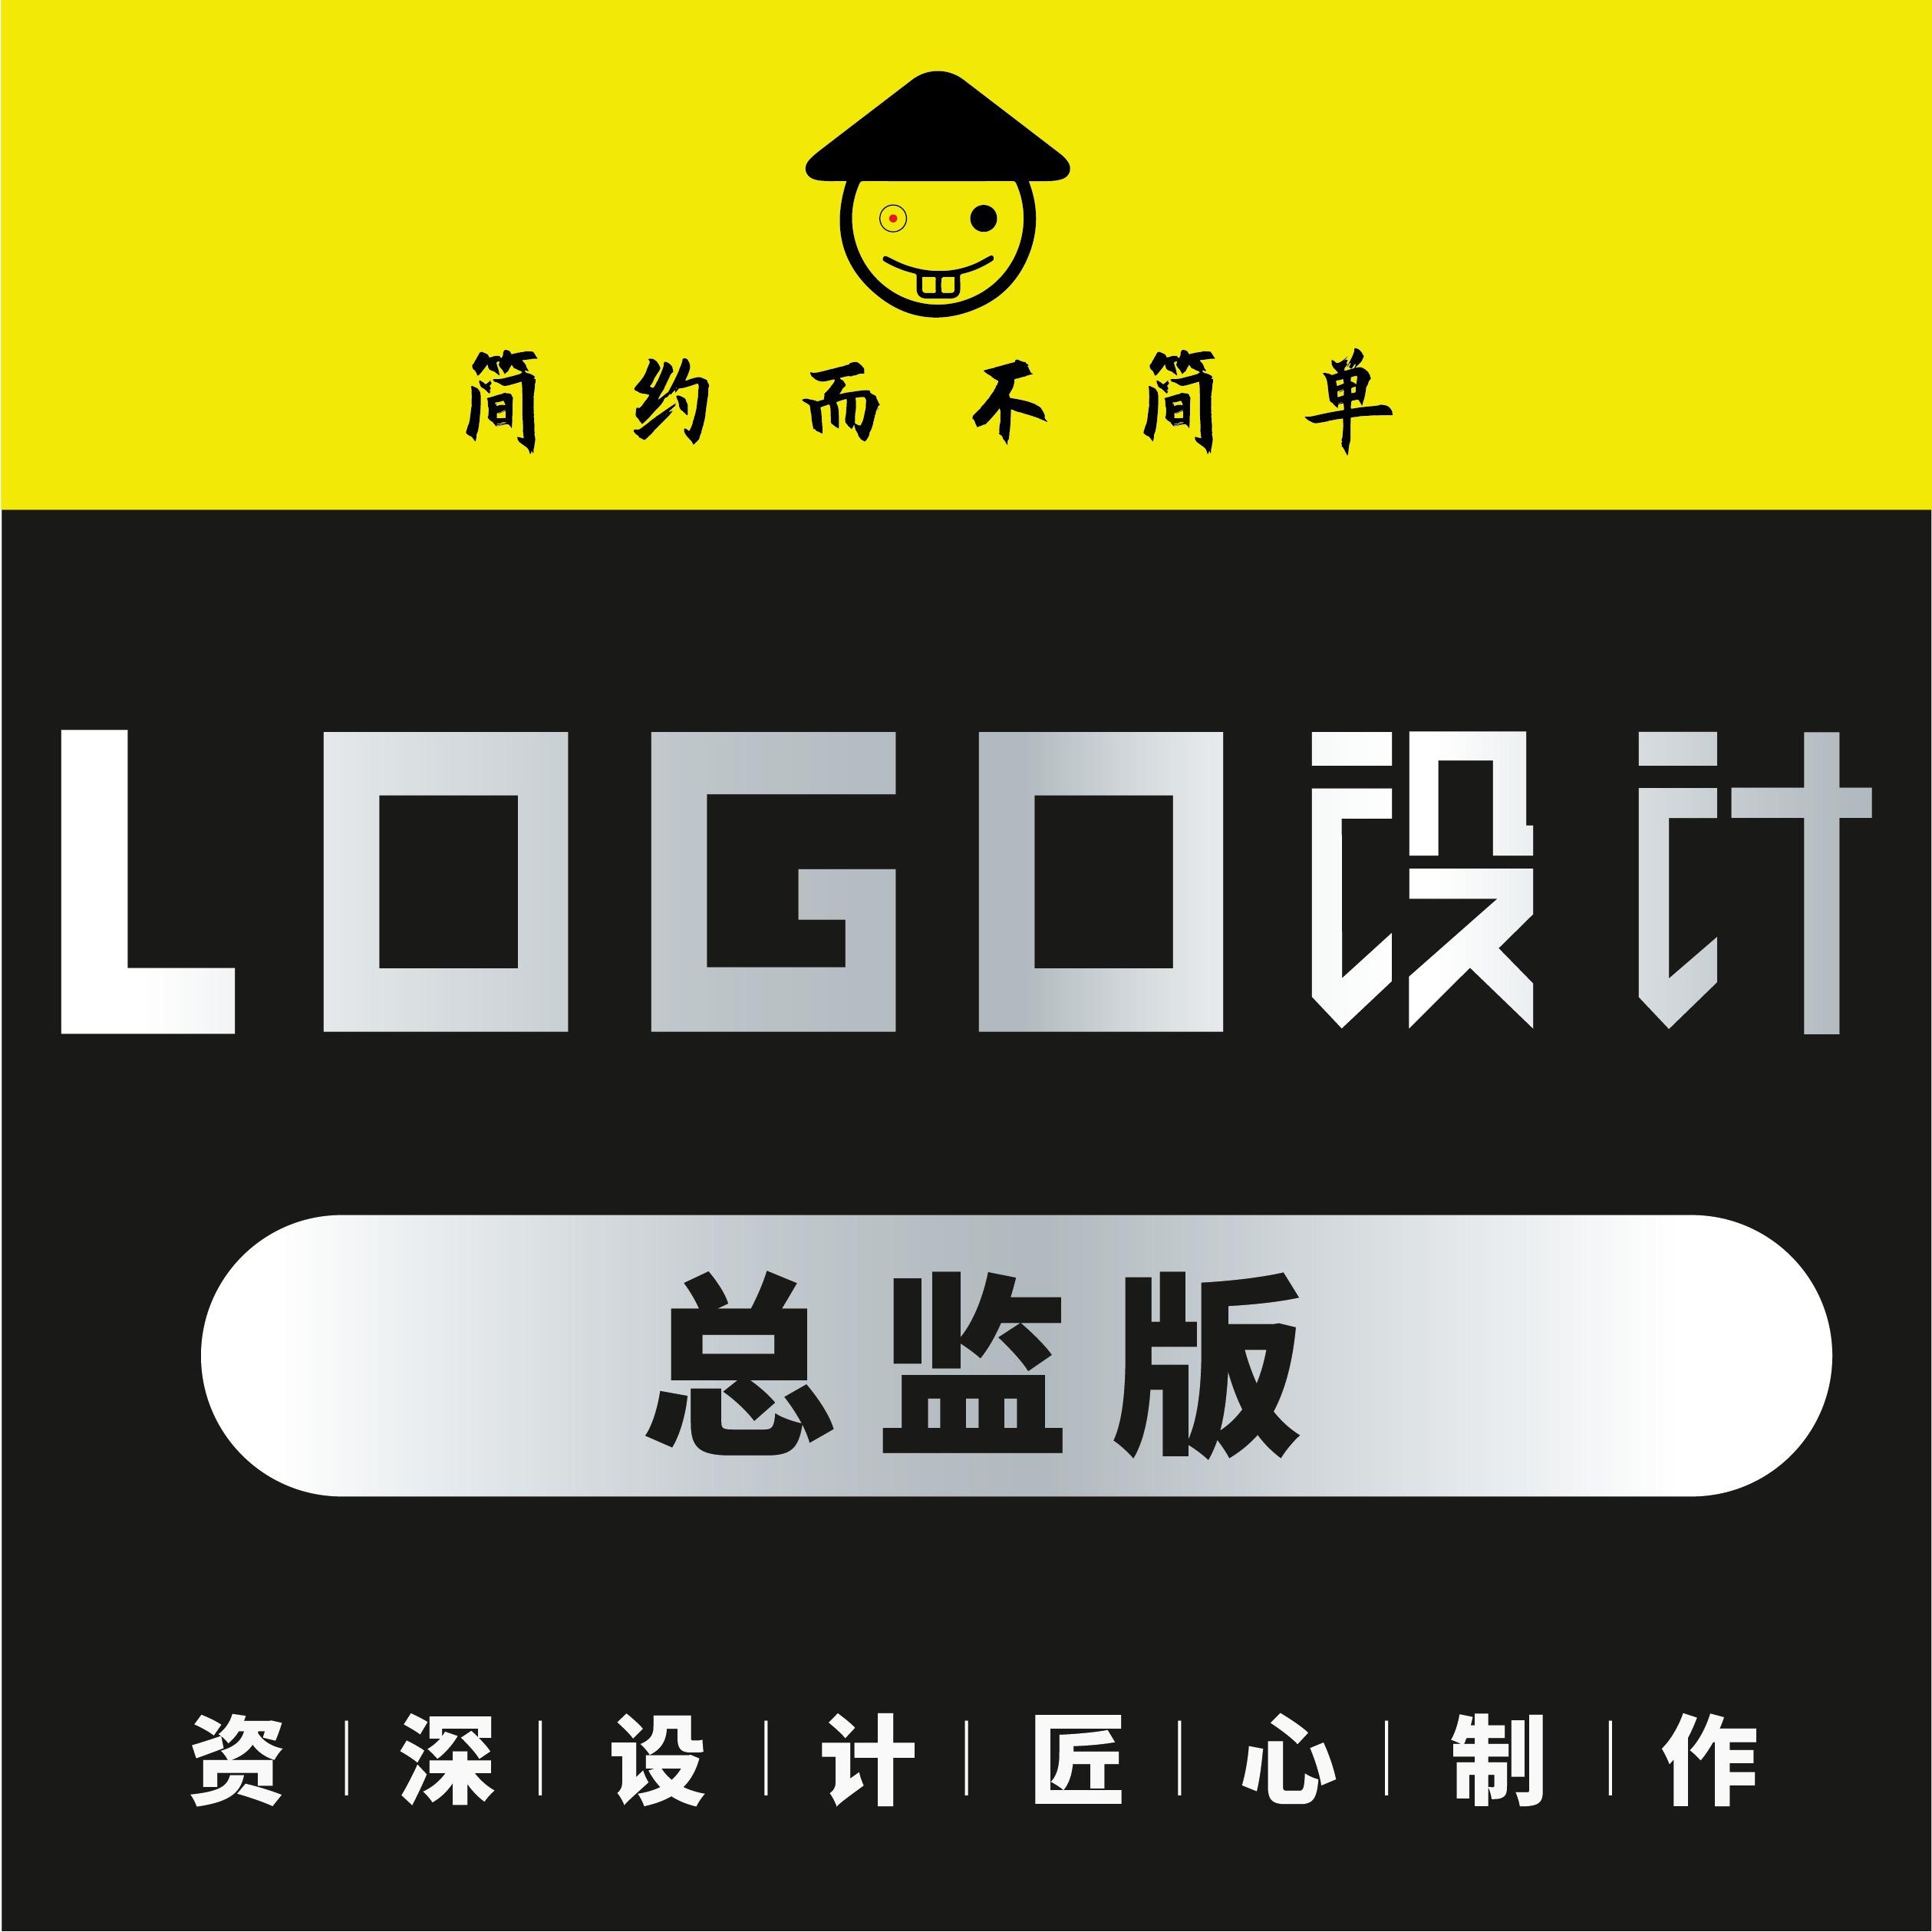 原创商标LOGO设计 图文原创商标设计 logo图标平面设计